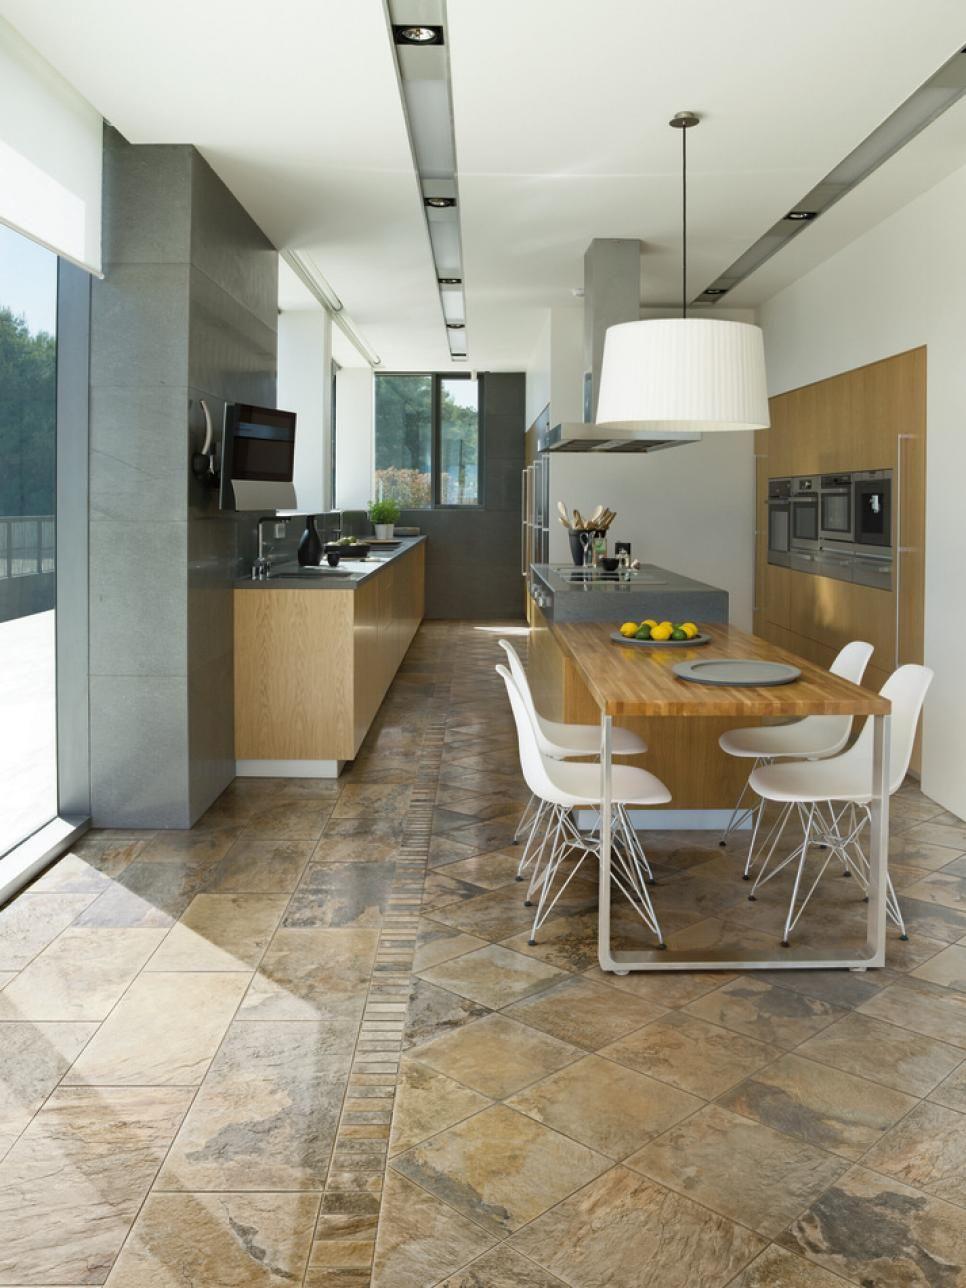 cheap versus steep kitchen flooring - Kitchen Flooring Options On A Budget